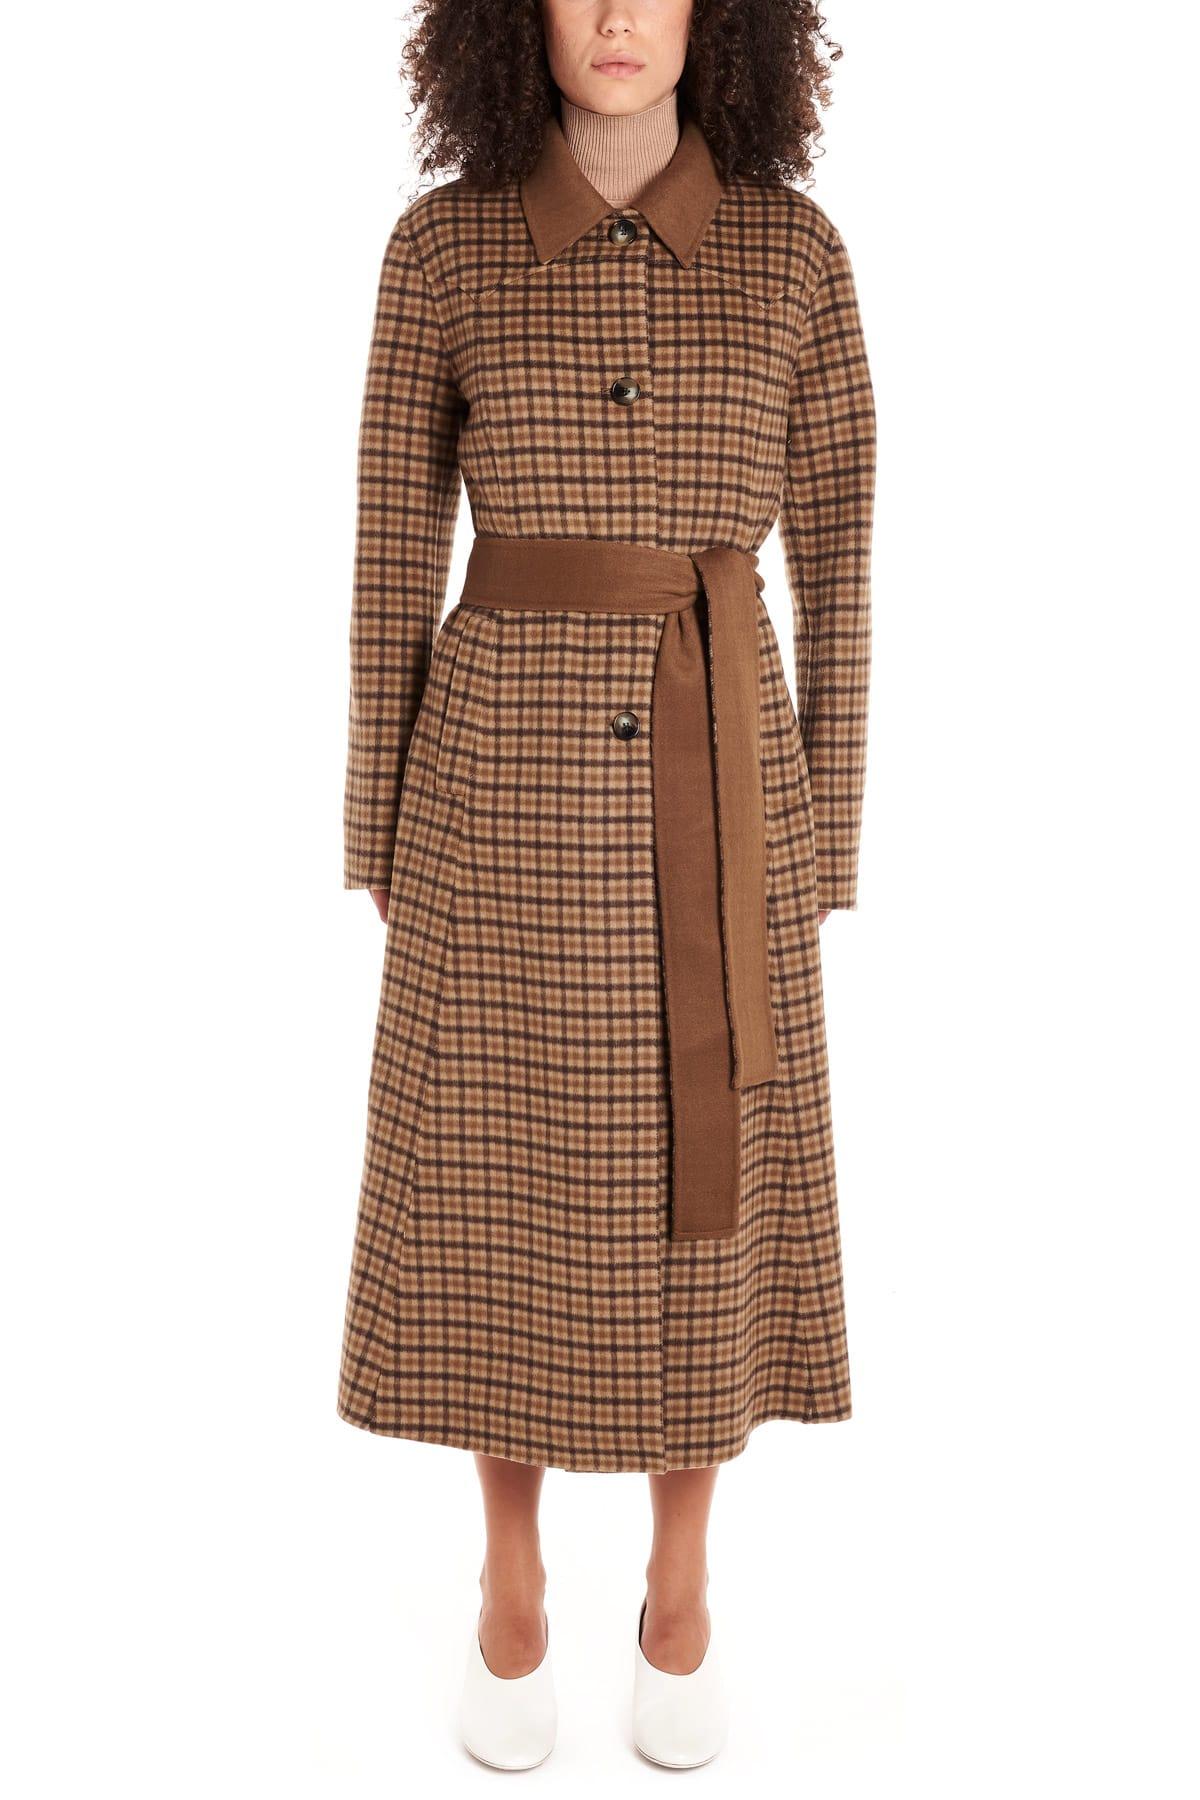 Nanushka sira Coat